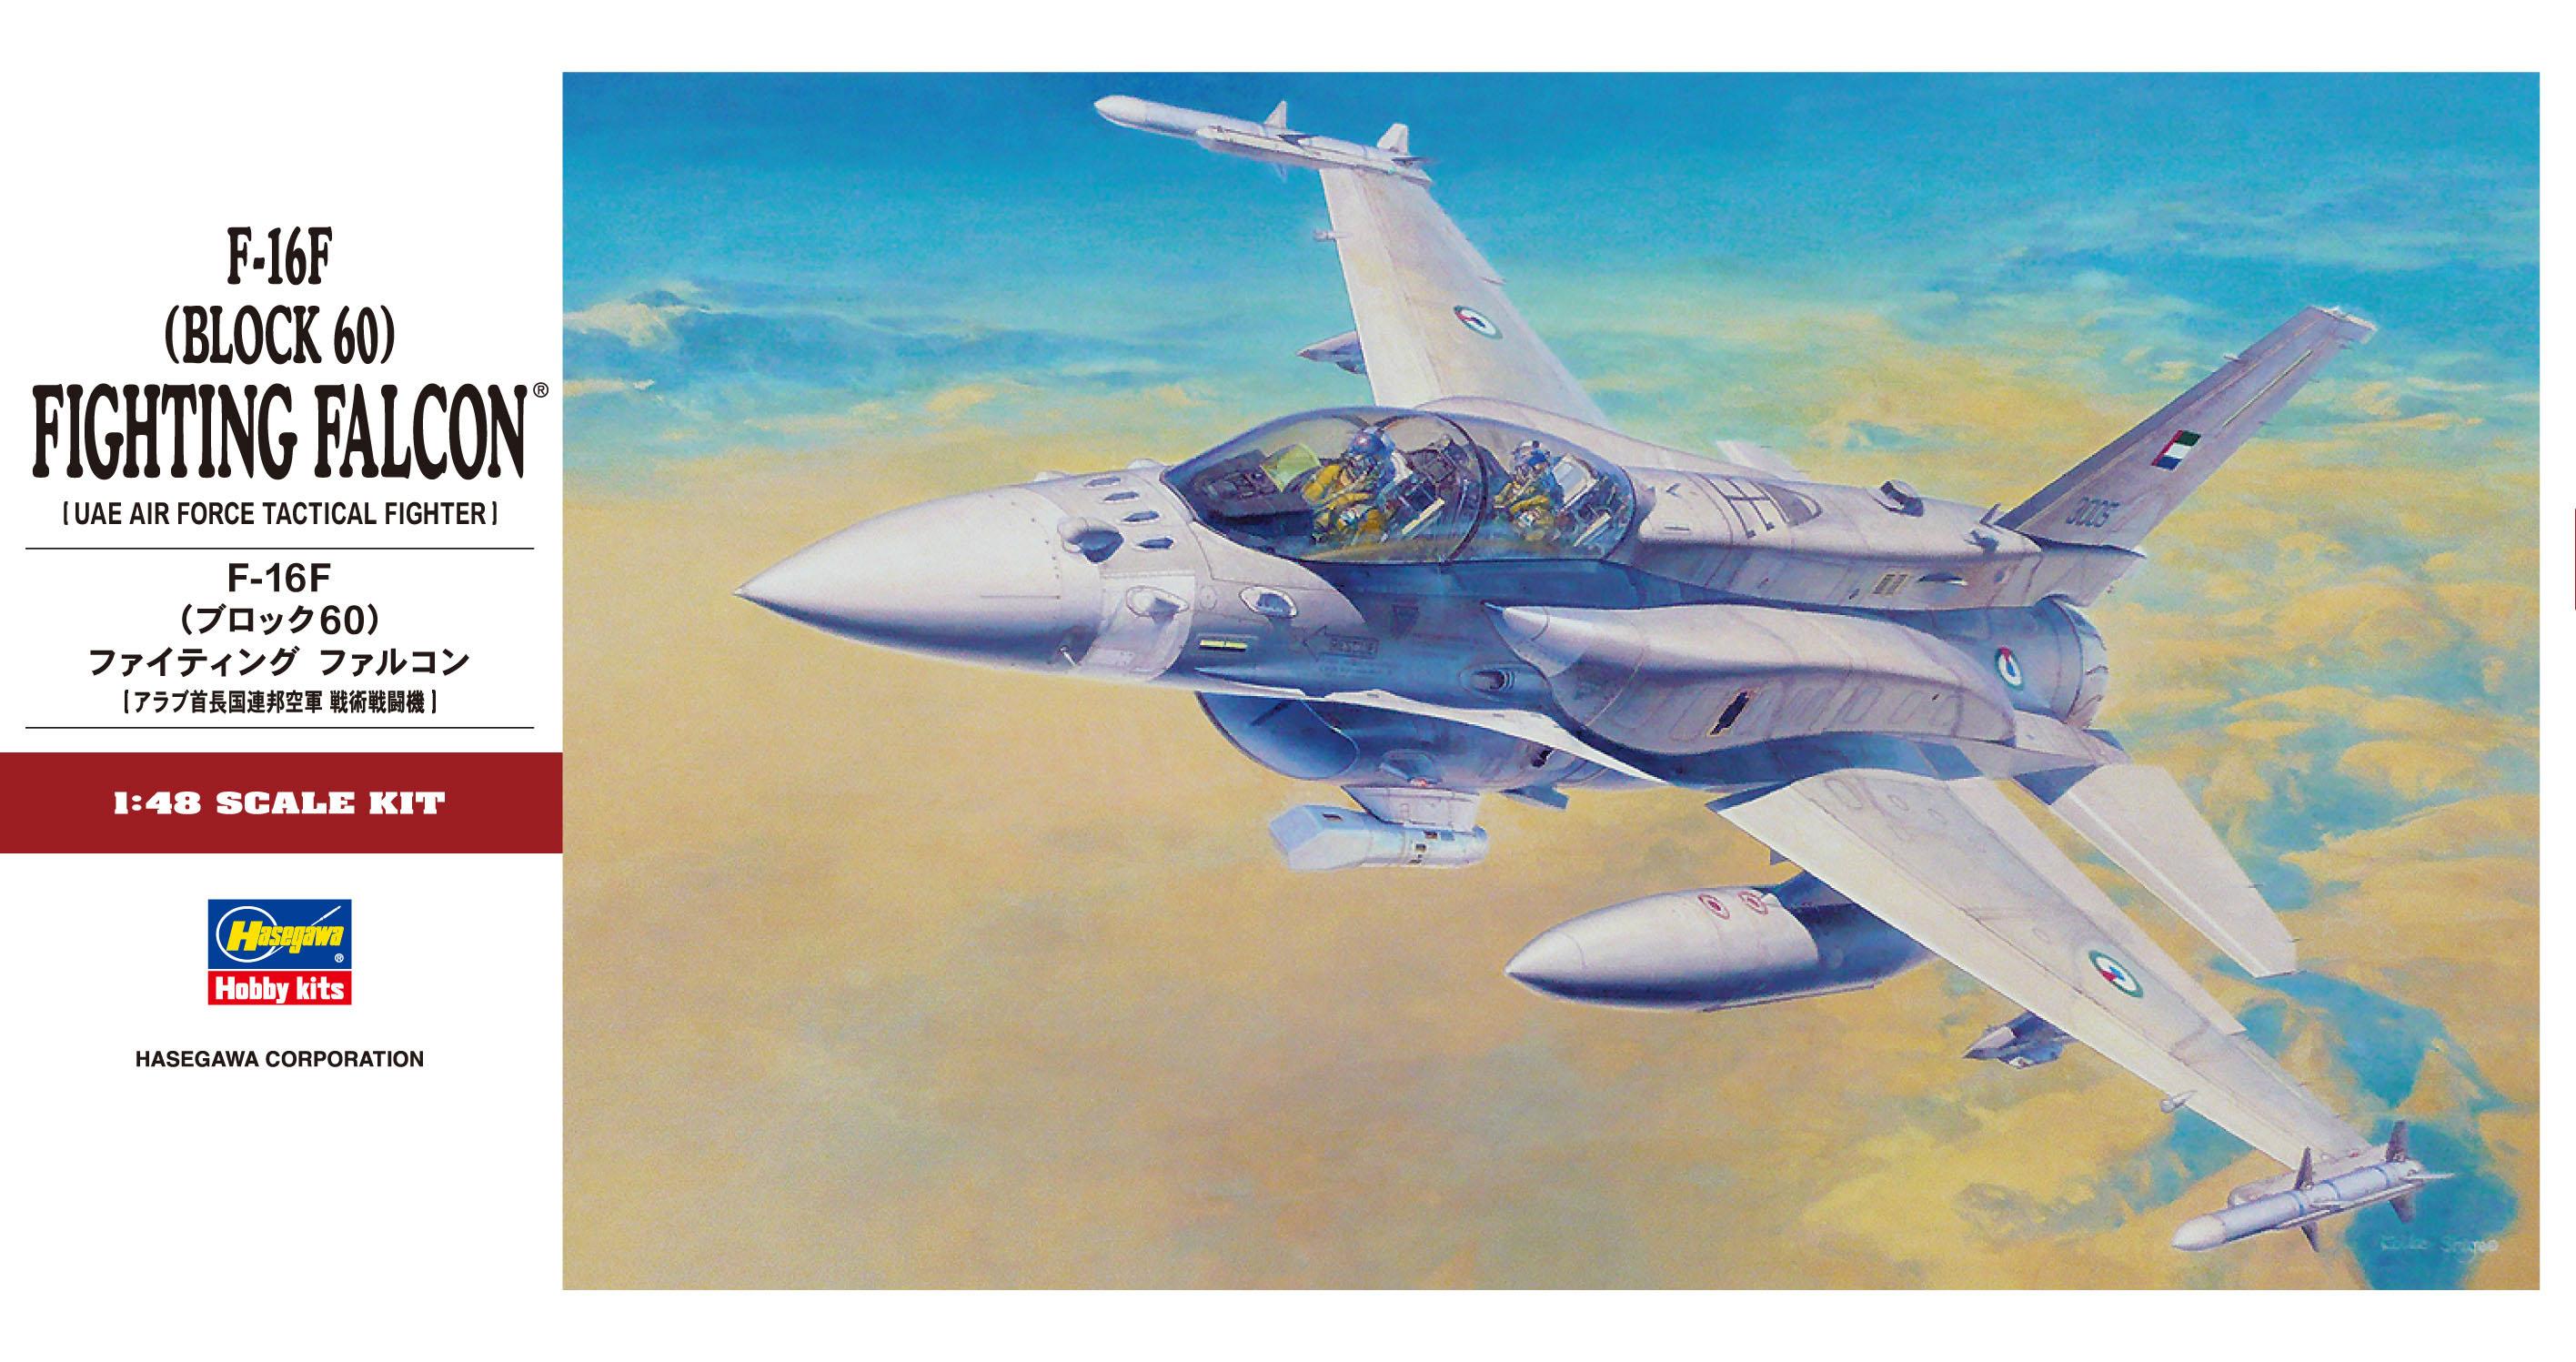 Hasegawa 1/48 F-16F (BLOCK 60) Fighting Falcon